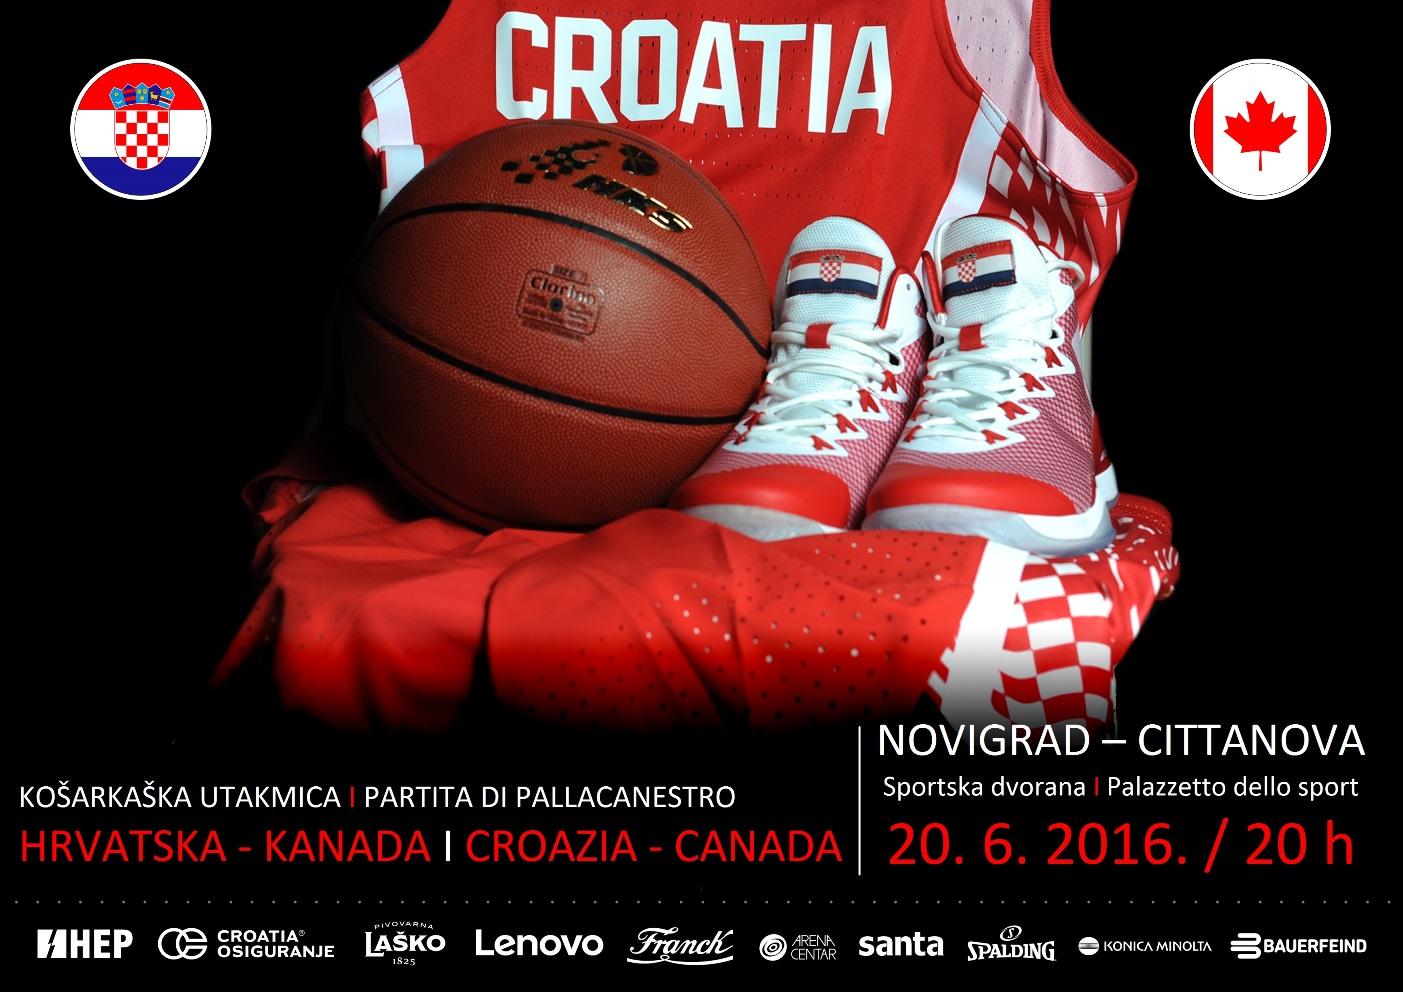 http://www.novigrad.hr/pripremna_kosharkashka_utakmica_hrvatska_kanada